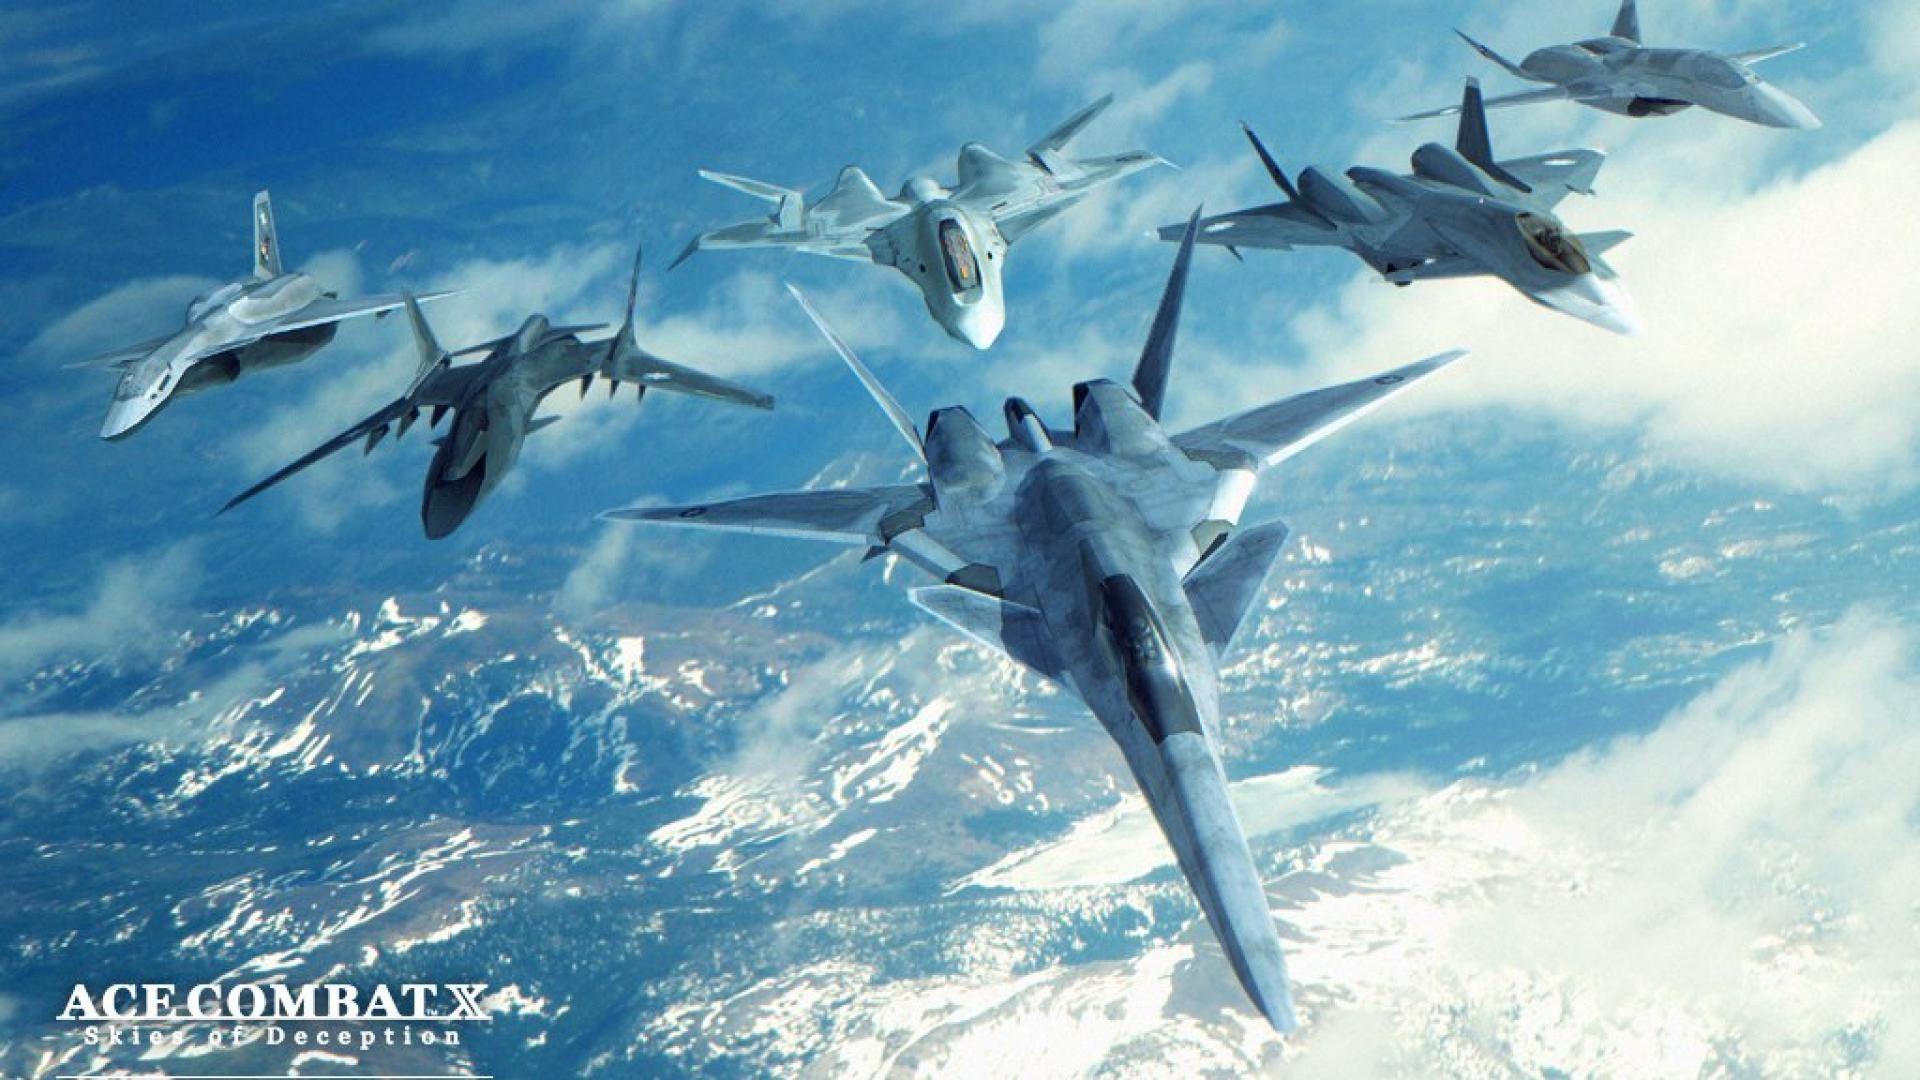 Res: 1920x1080, Ace Combat wallpaper